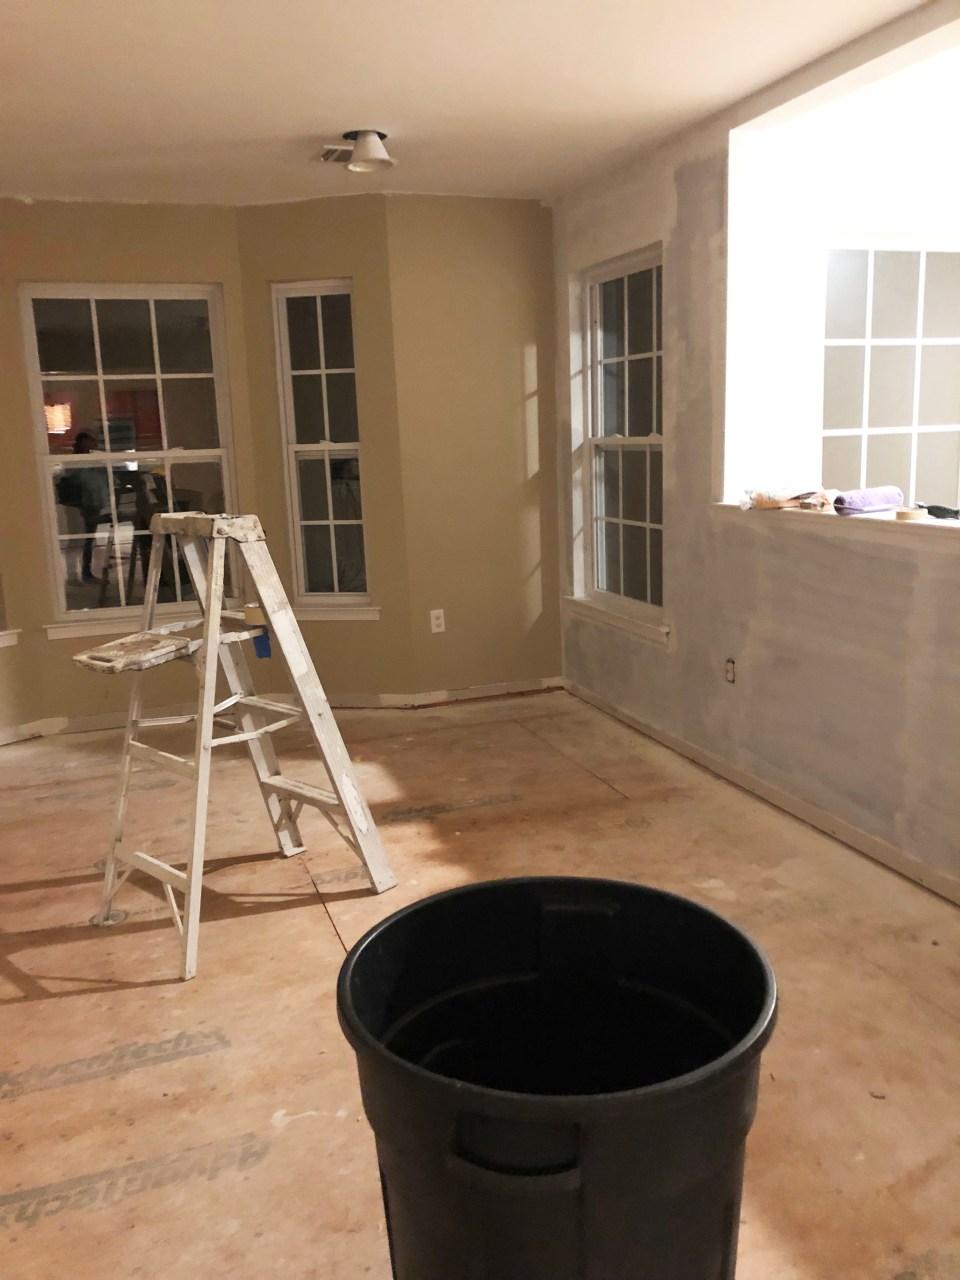 Living Room Update 6